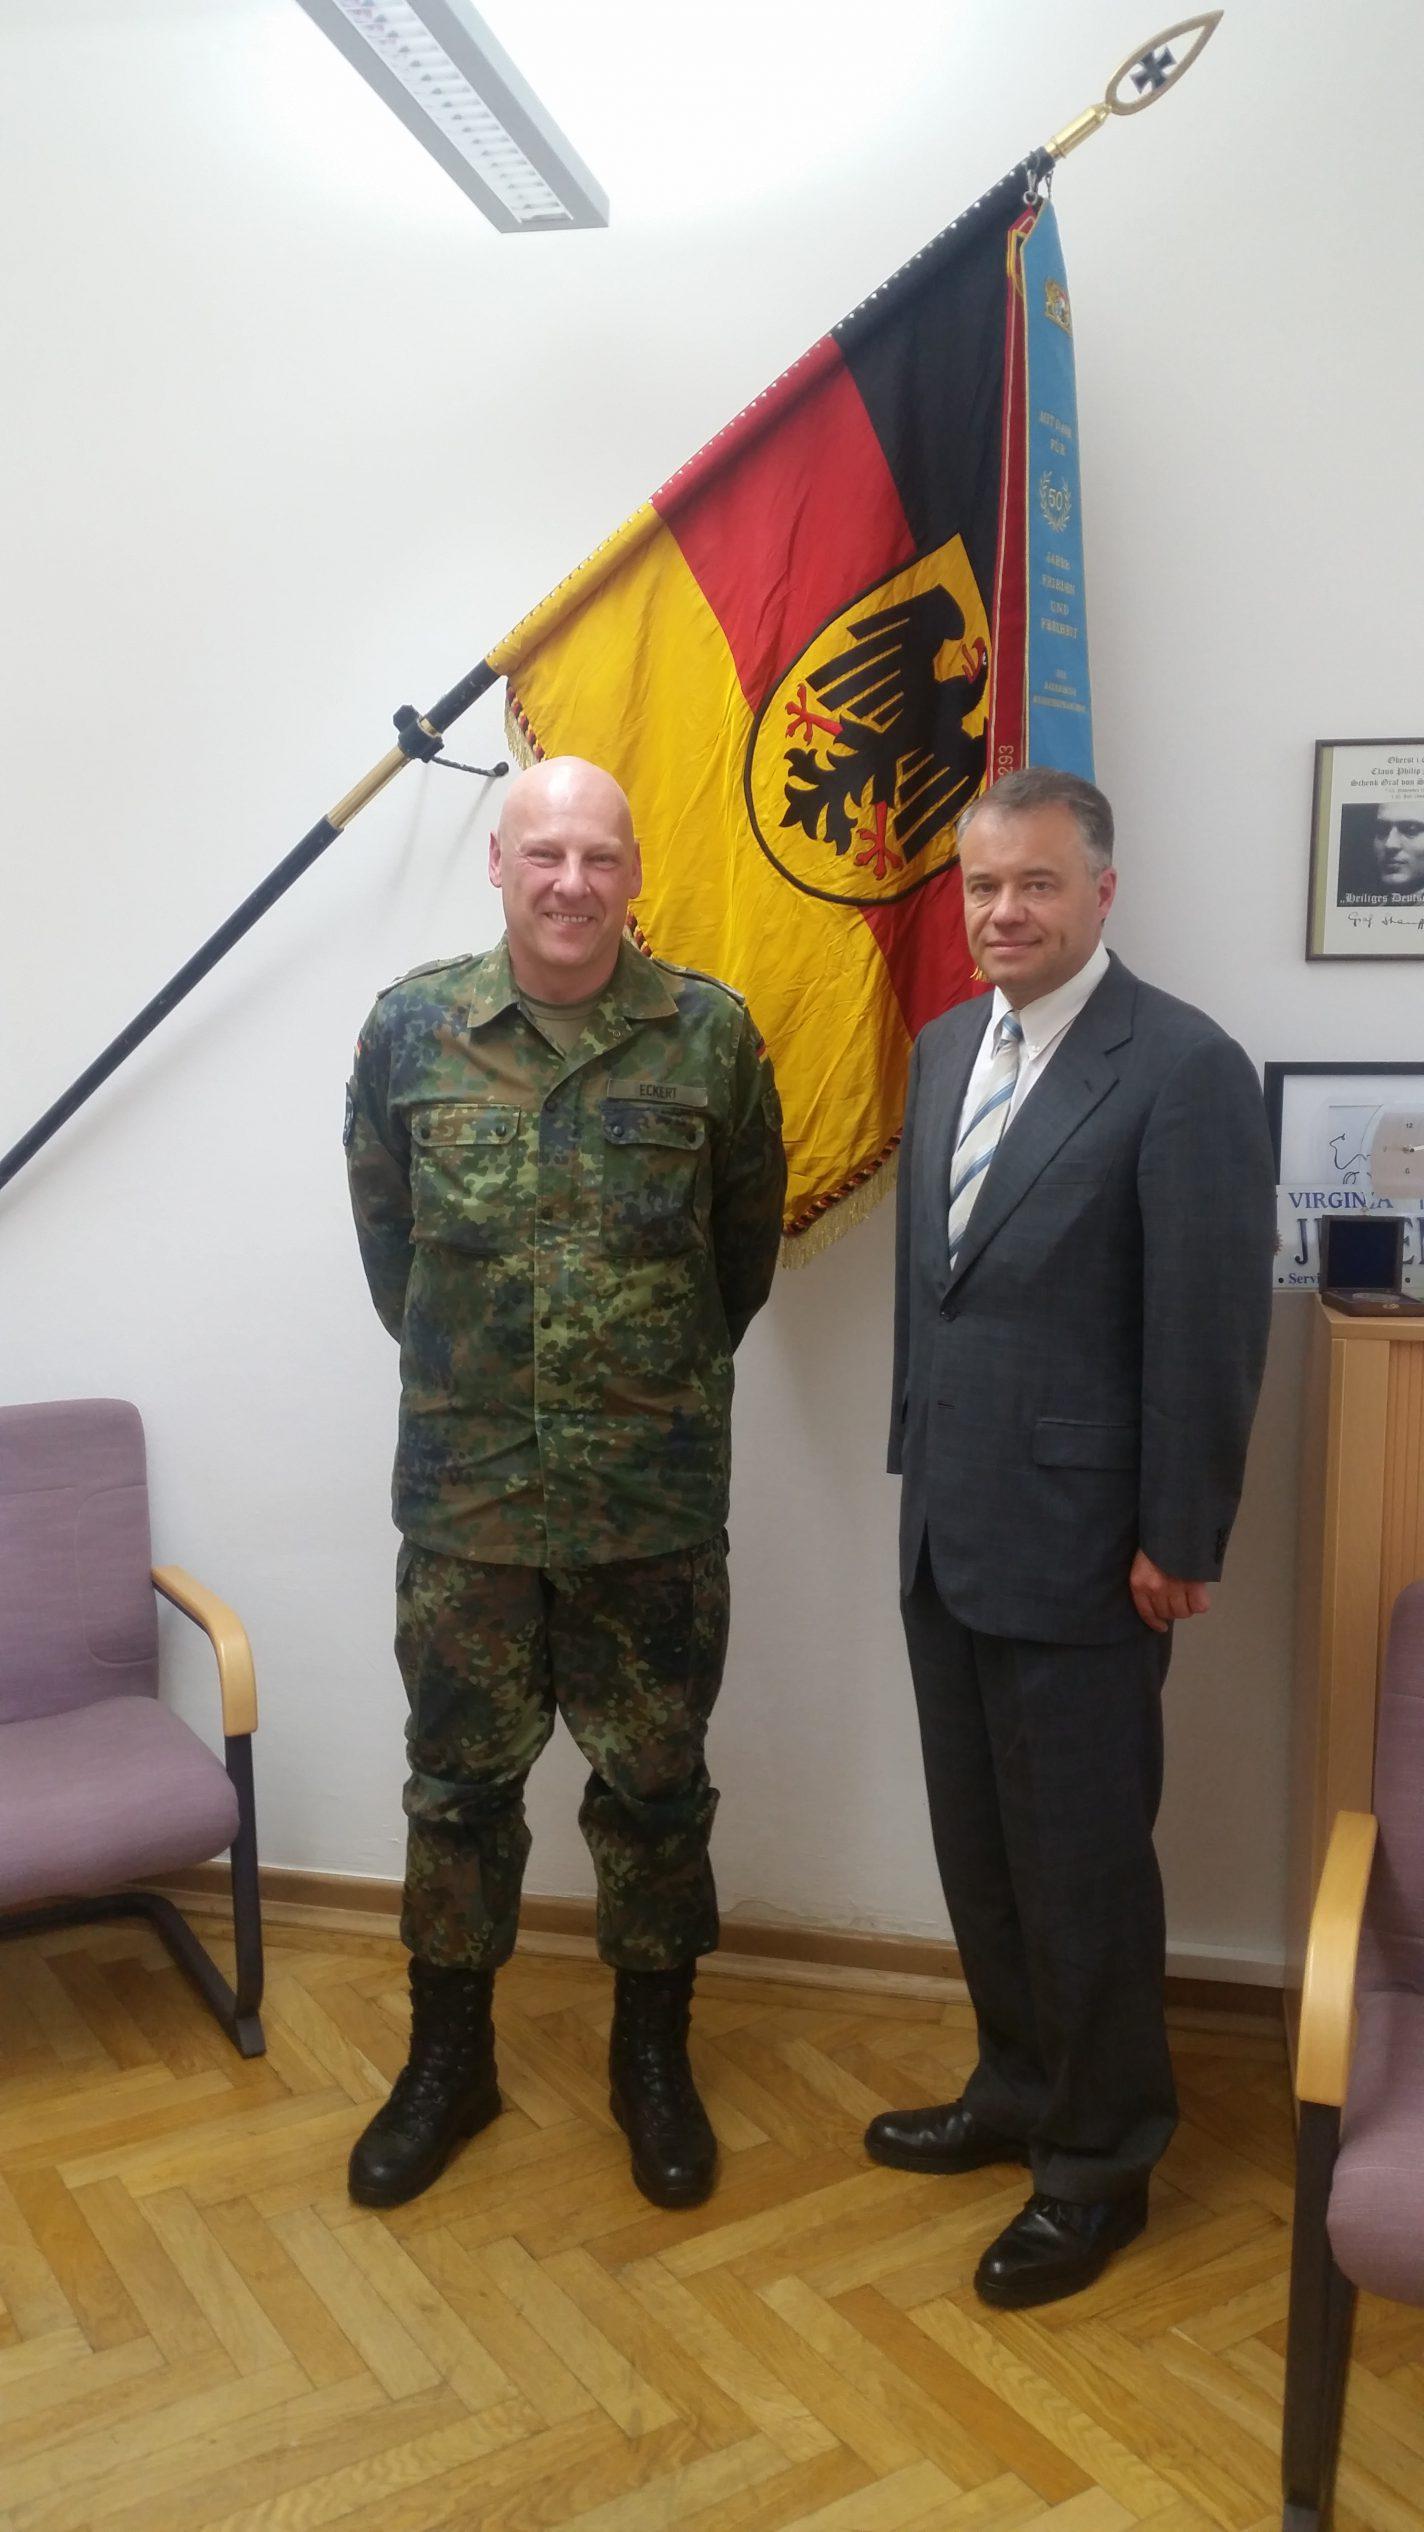 Harald Kühn mit dem dem Kommandeur des Führungsunterstützungsbataillons 293, Herrn Oberstleutnant Jürgen Eckert, bei einem Besuch der Werdenfelser Kaserne in Murnau am 26.September 2016.